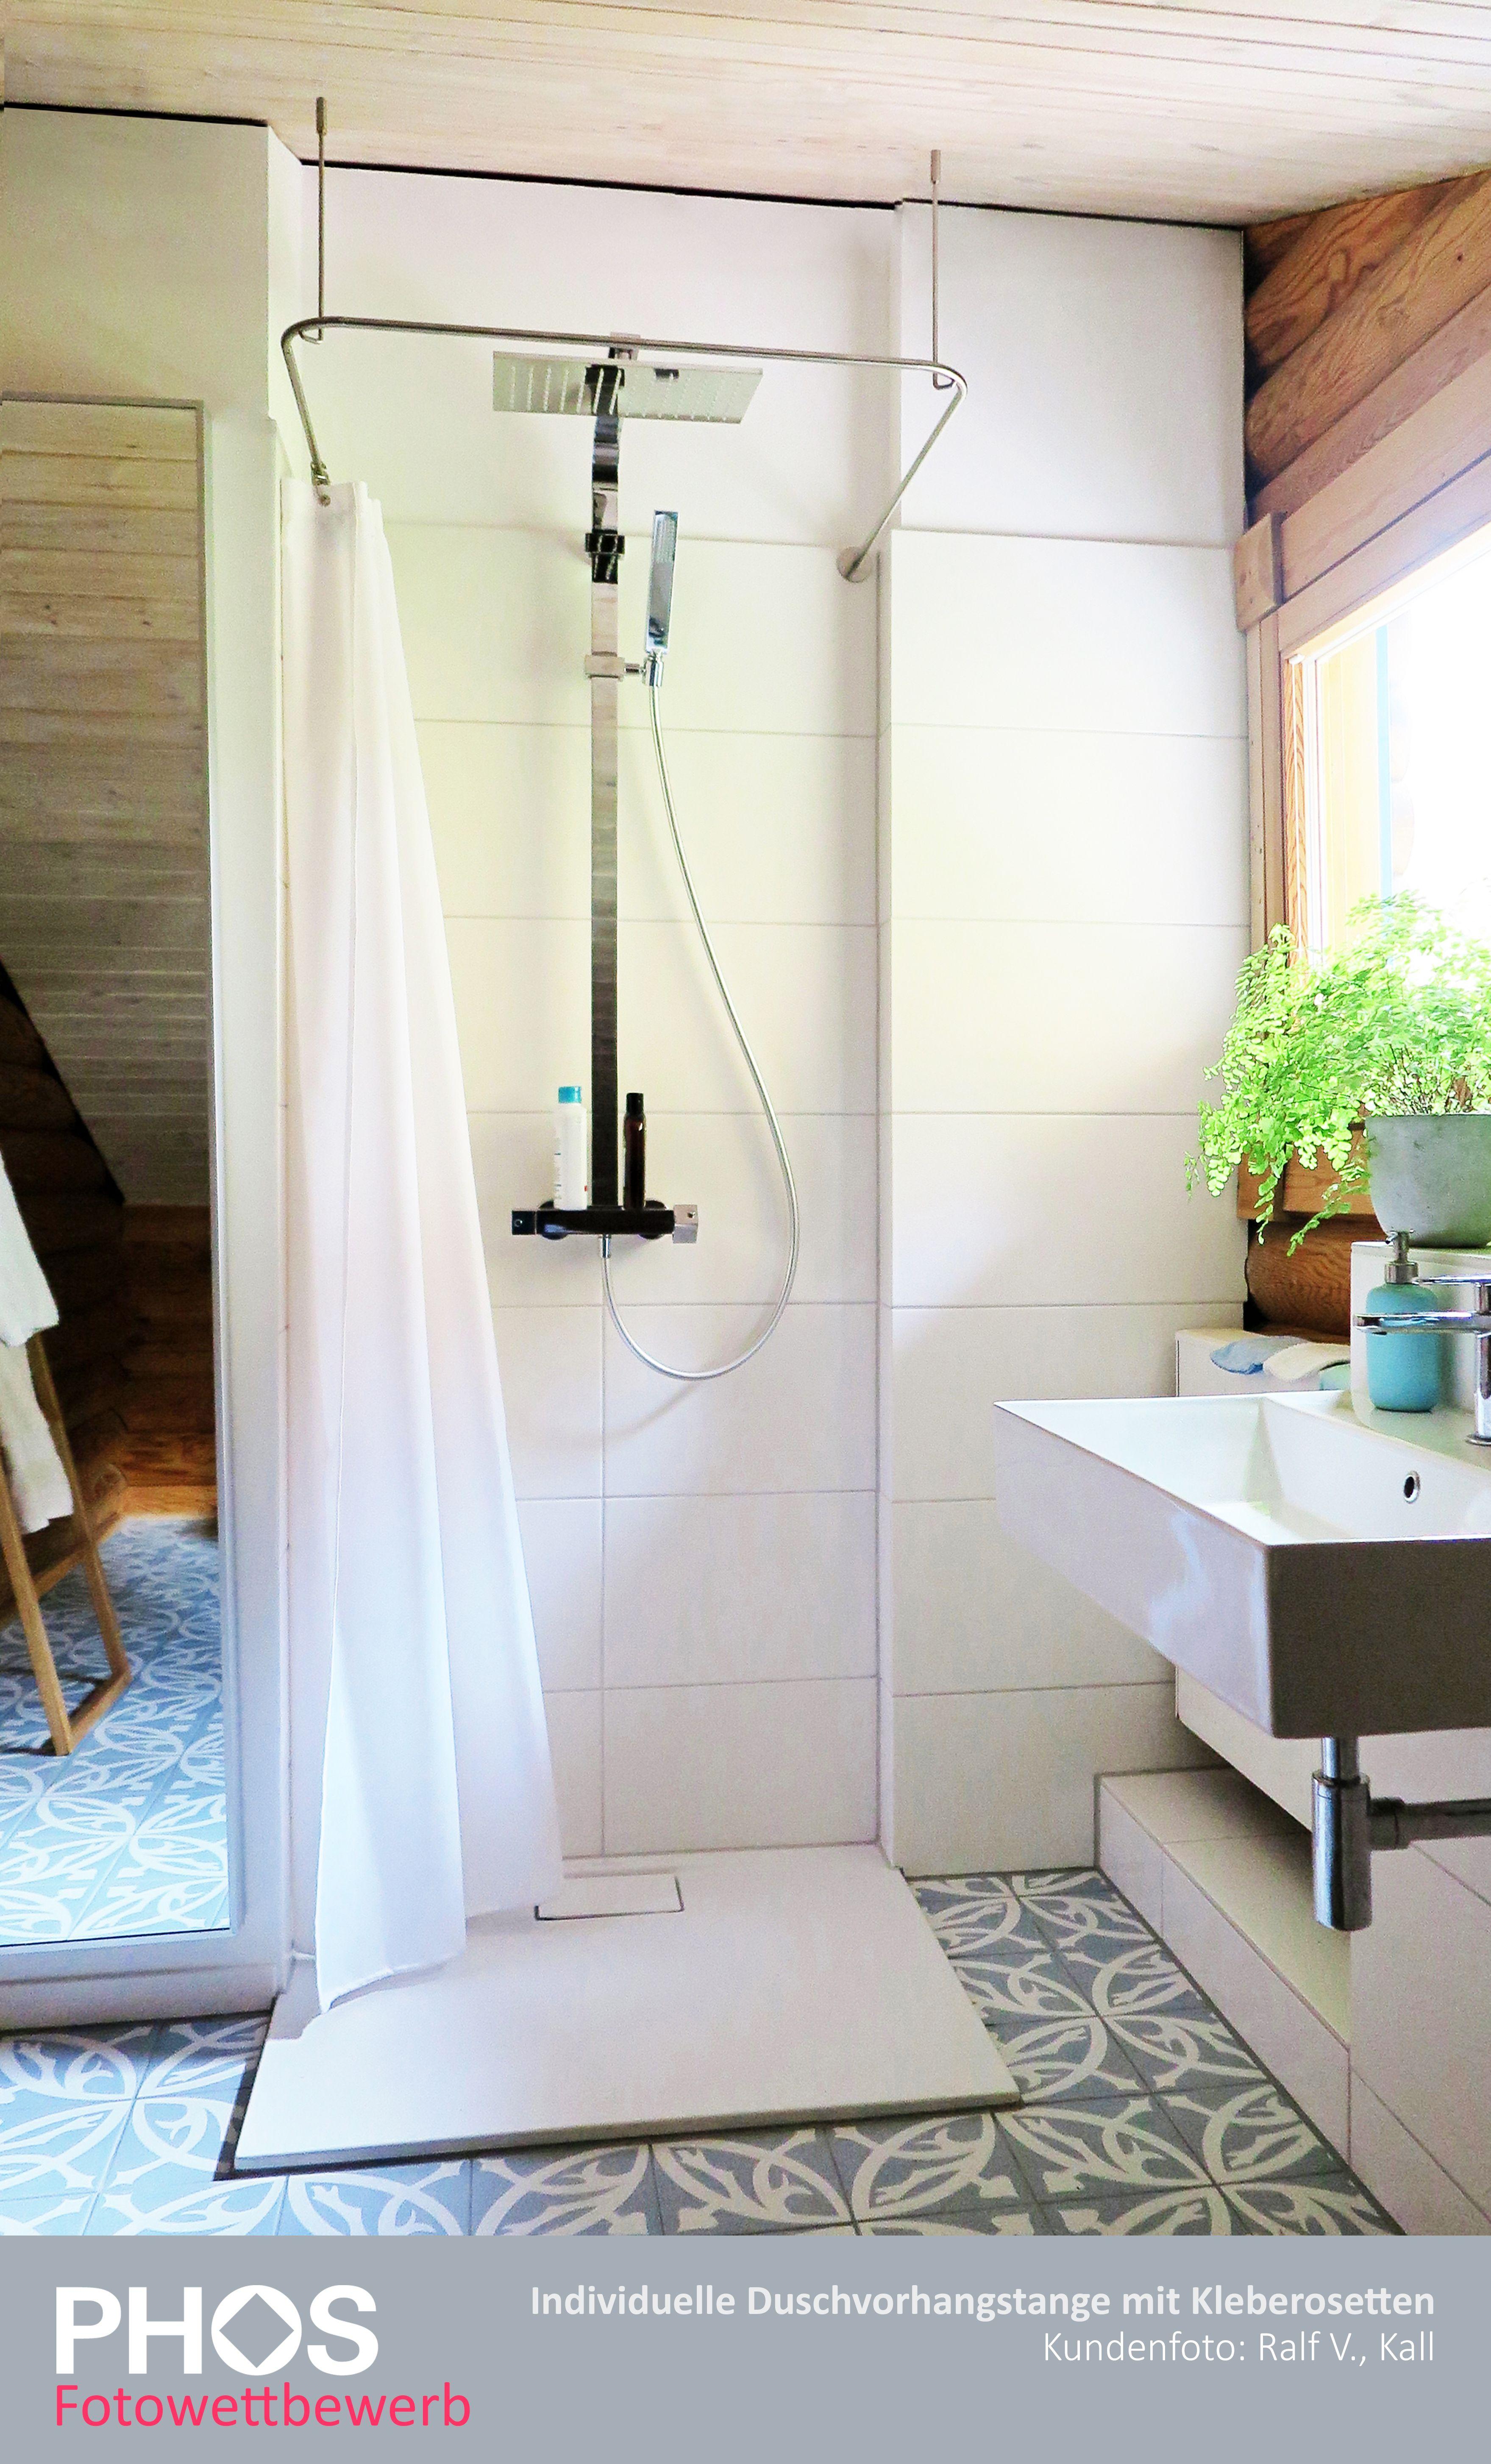 Kundenbild Individuelle Duschvorhangstange Von Phos Design In 2020 Duschvorhangstange Dusche Vorhange